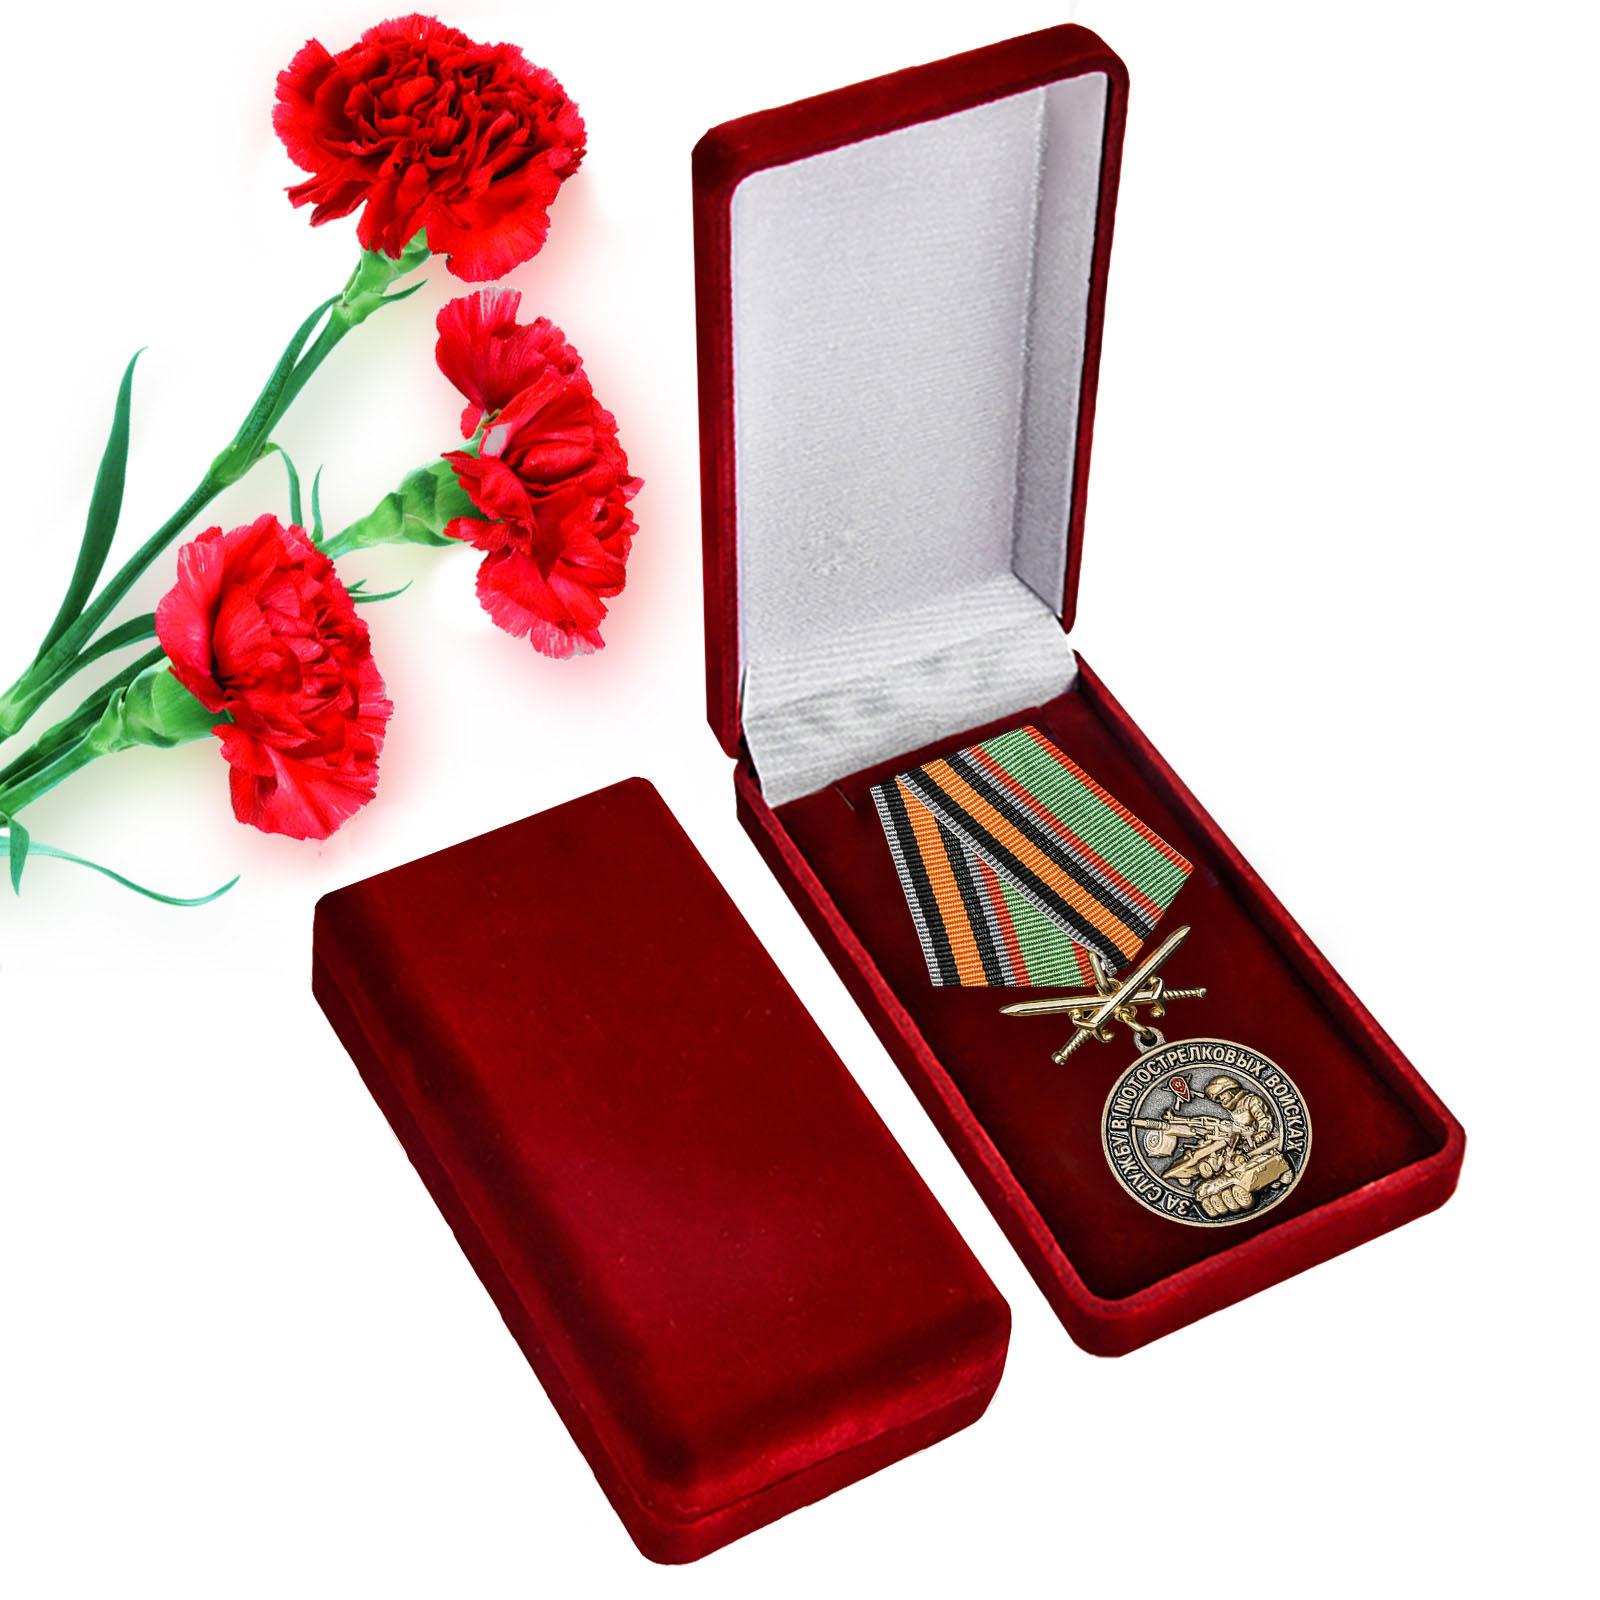 Купить медаль За службу в Мотострелковых войсках по выгодной цене